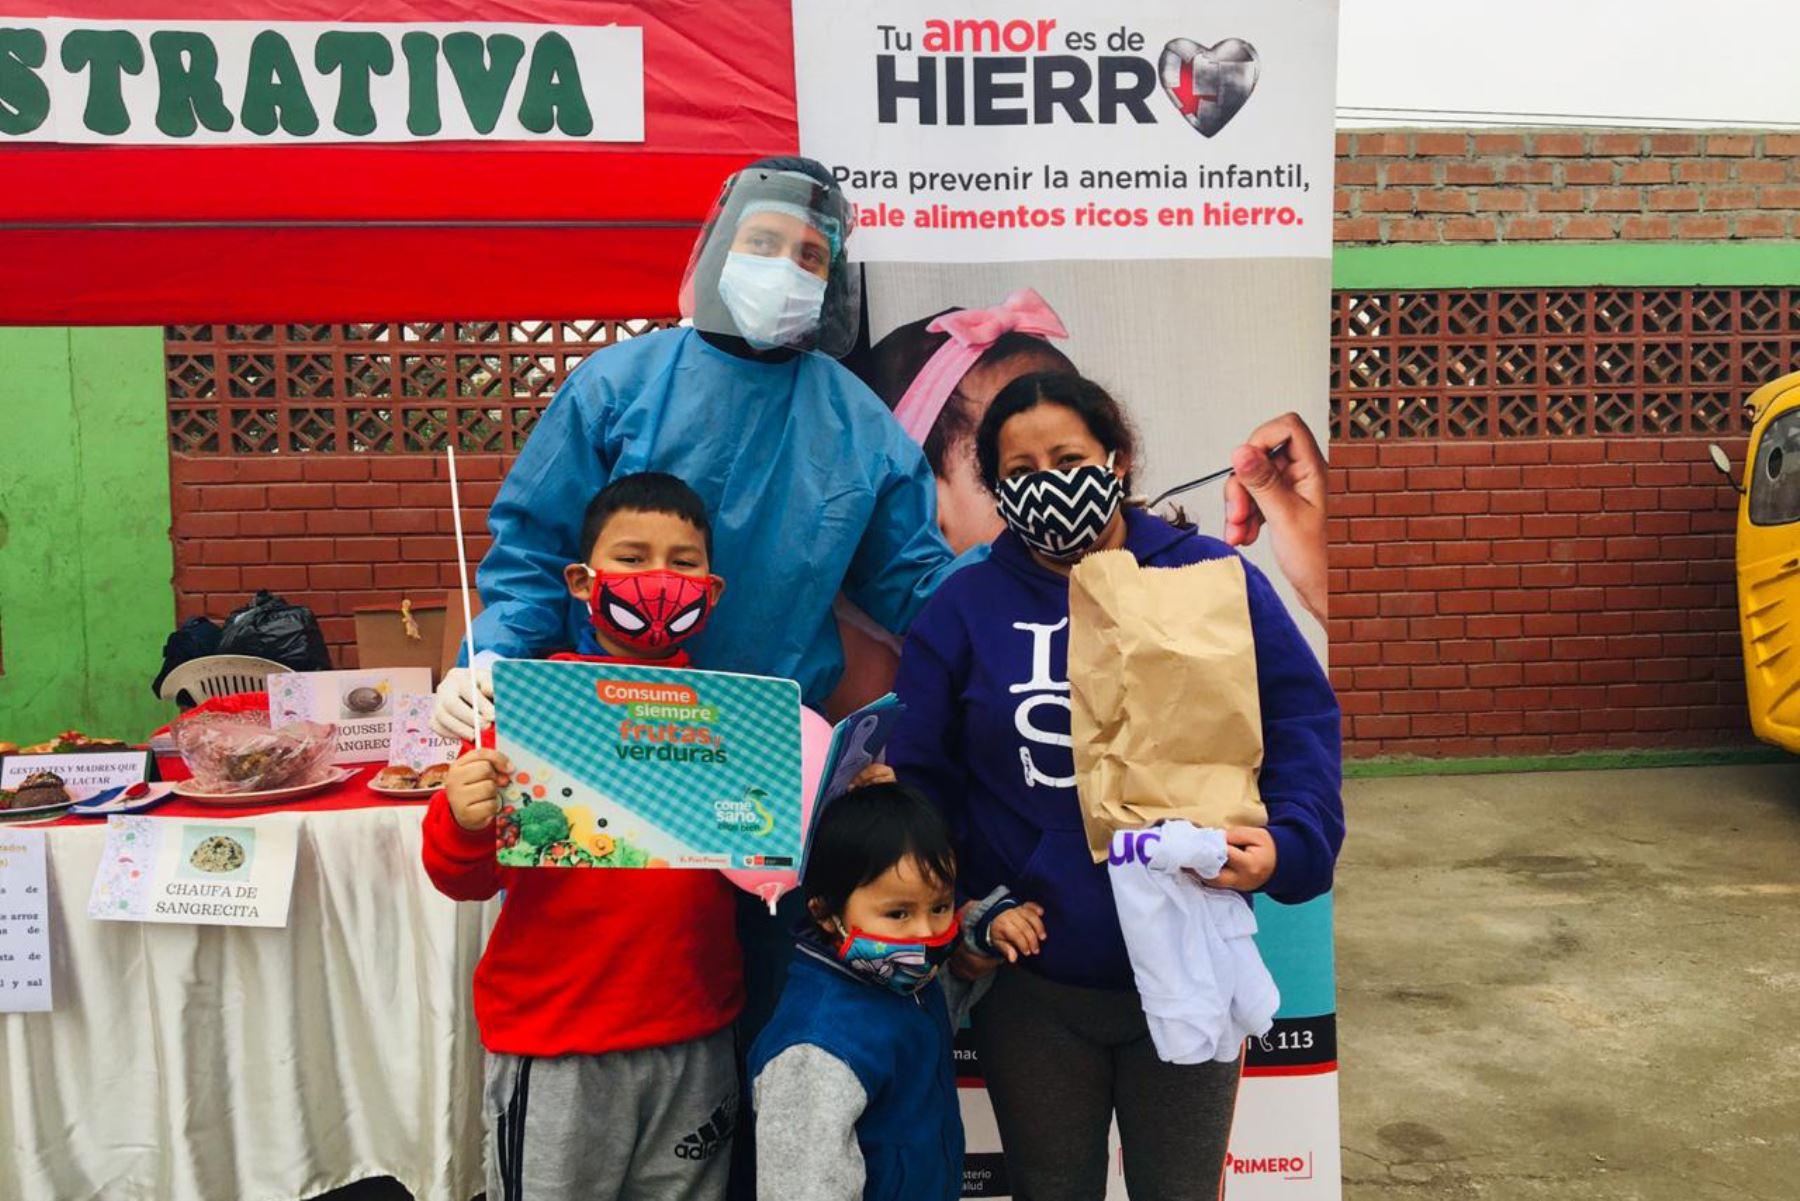 Diris Lima Sur brinda atención en salud mental, planificación familiar y vacuna a niños menores de 5 años, adultos mayores y gestantes. Foto: Diris Lima Sur